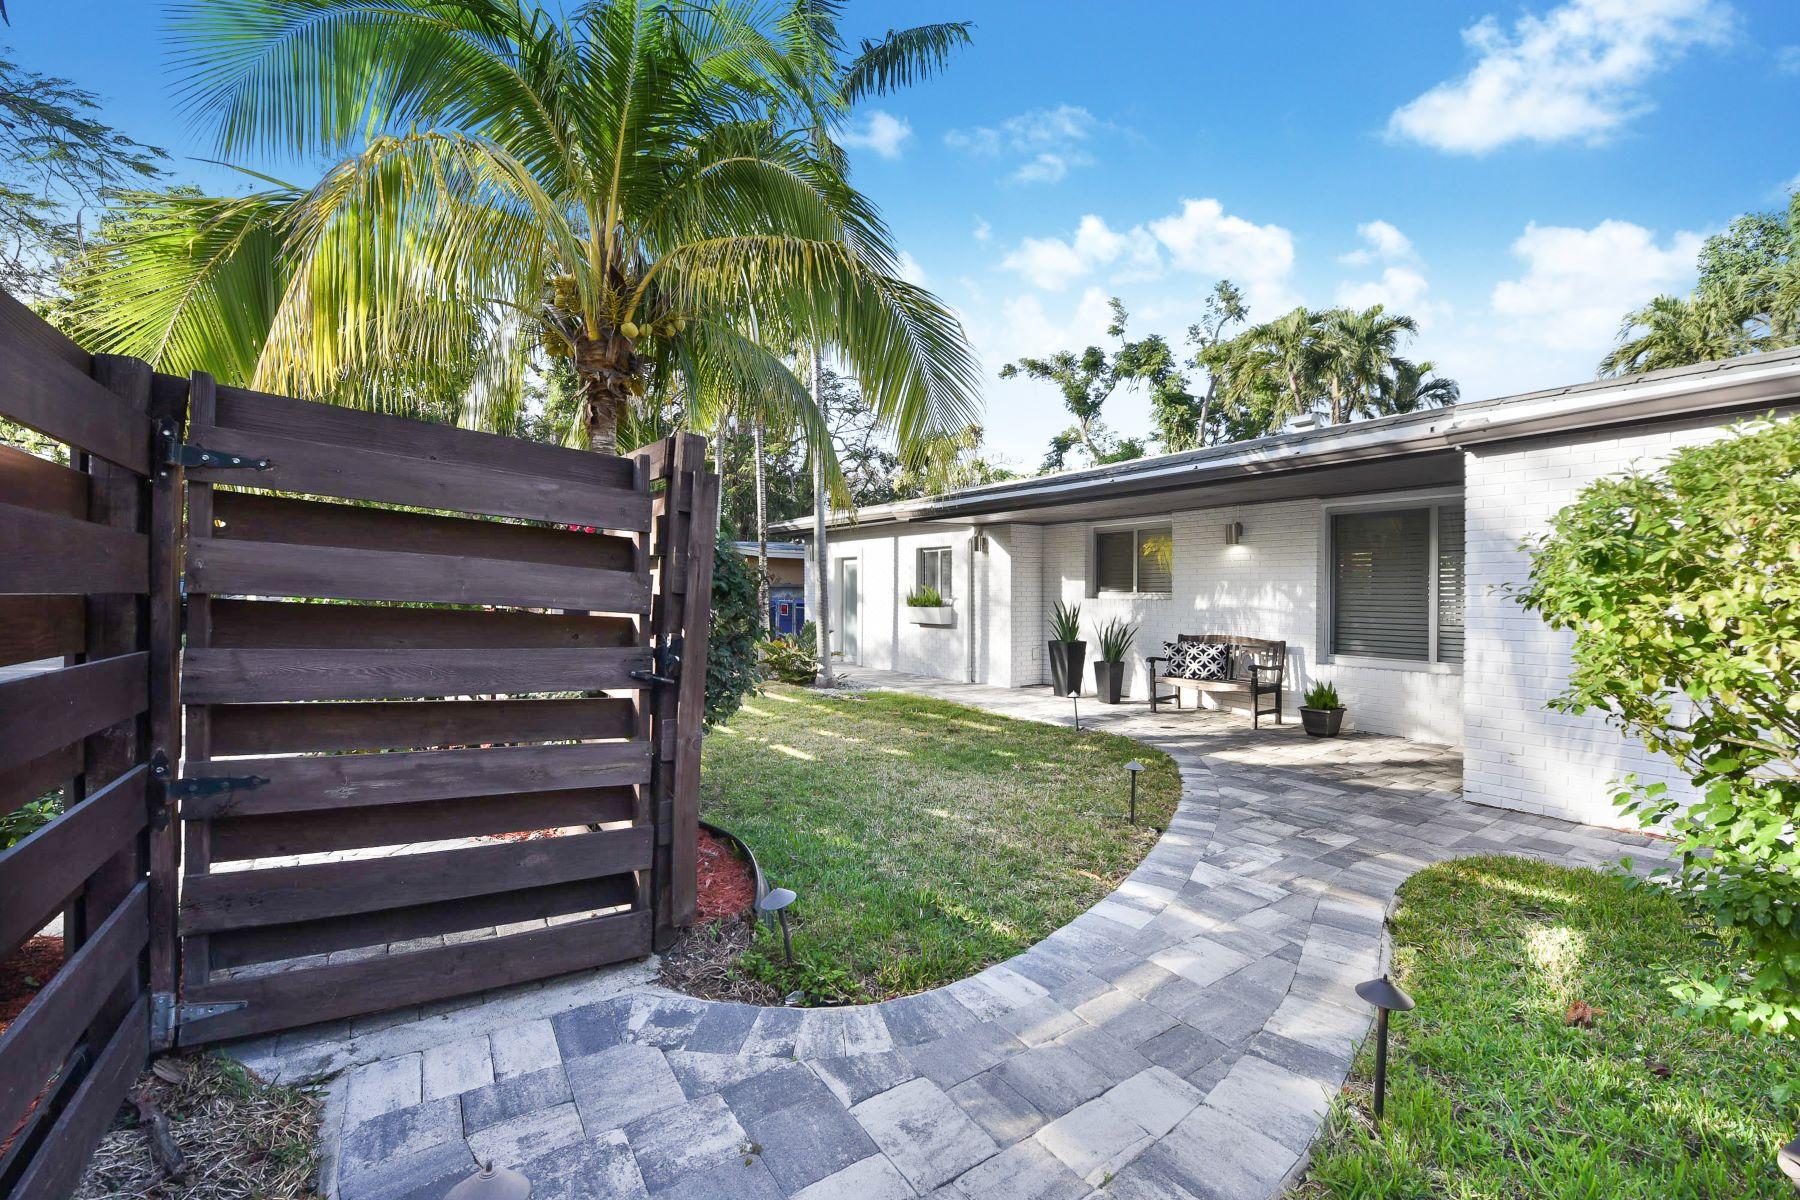 独户住宅 为 销售 在 3685 N Bay Homes Dr 迈阿密, 佛罗里达州, 33133 美国